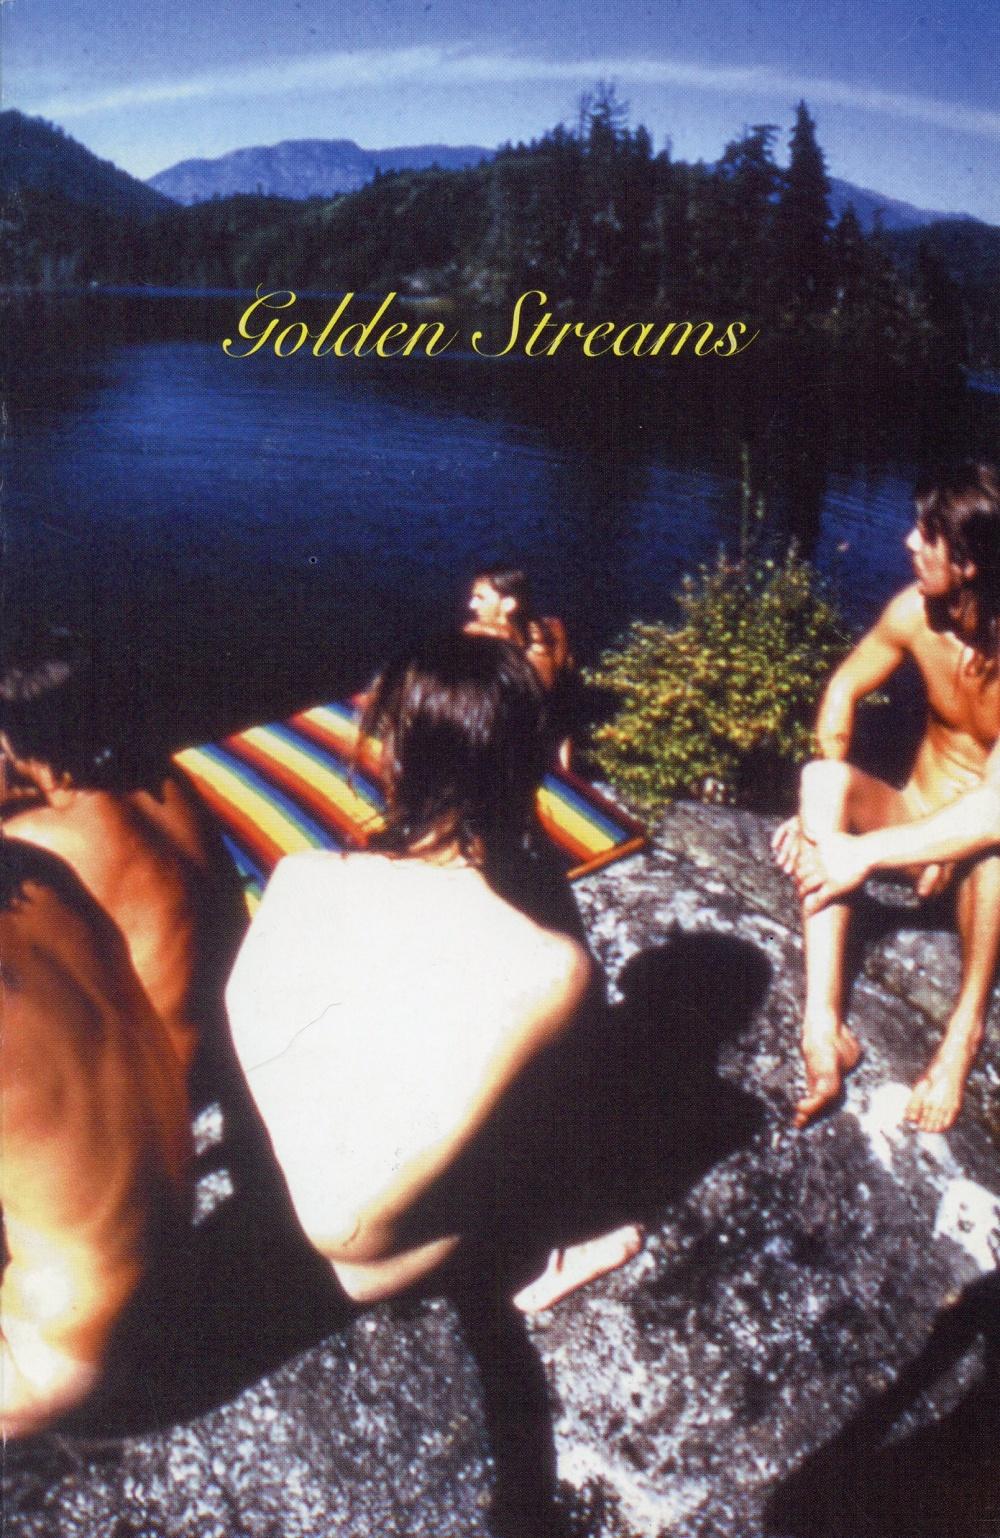 Golden Streams